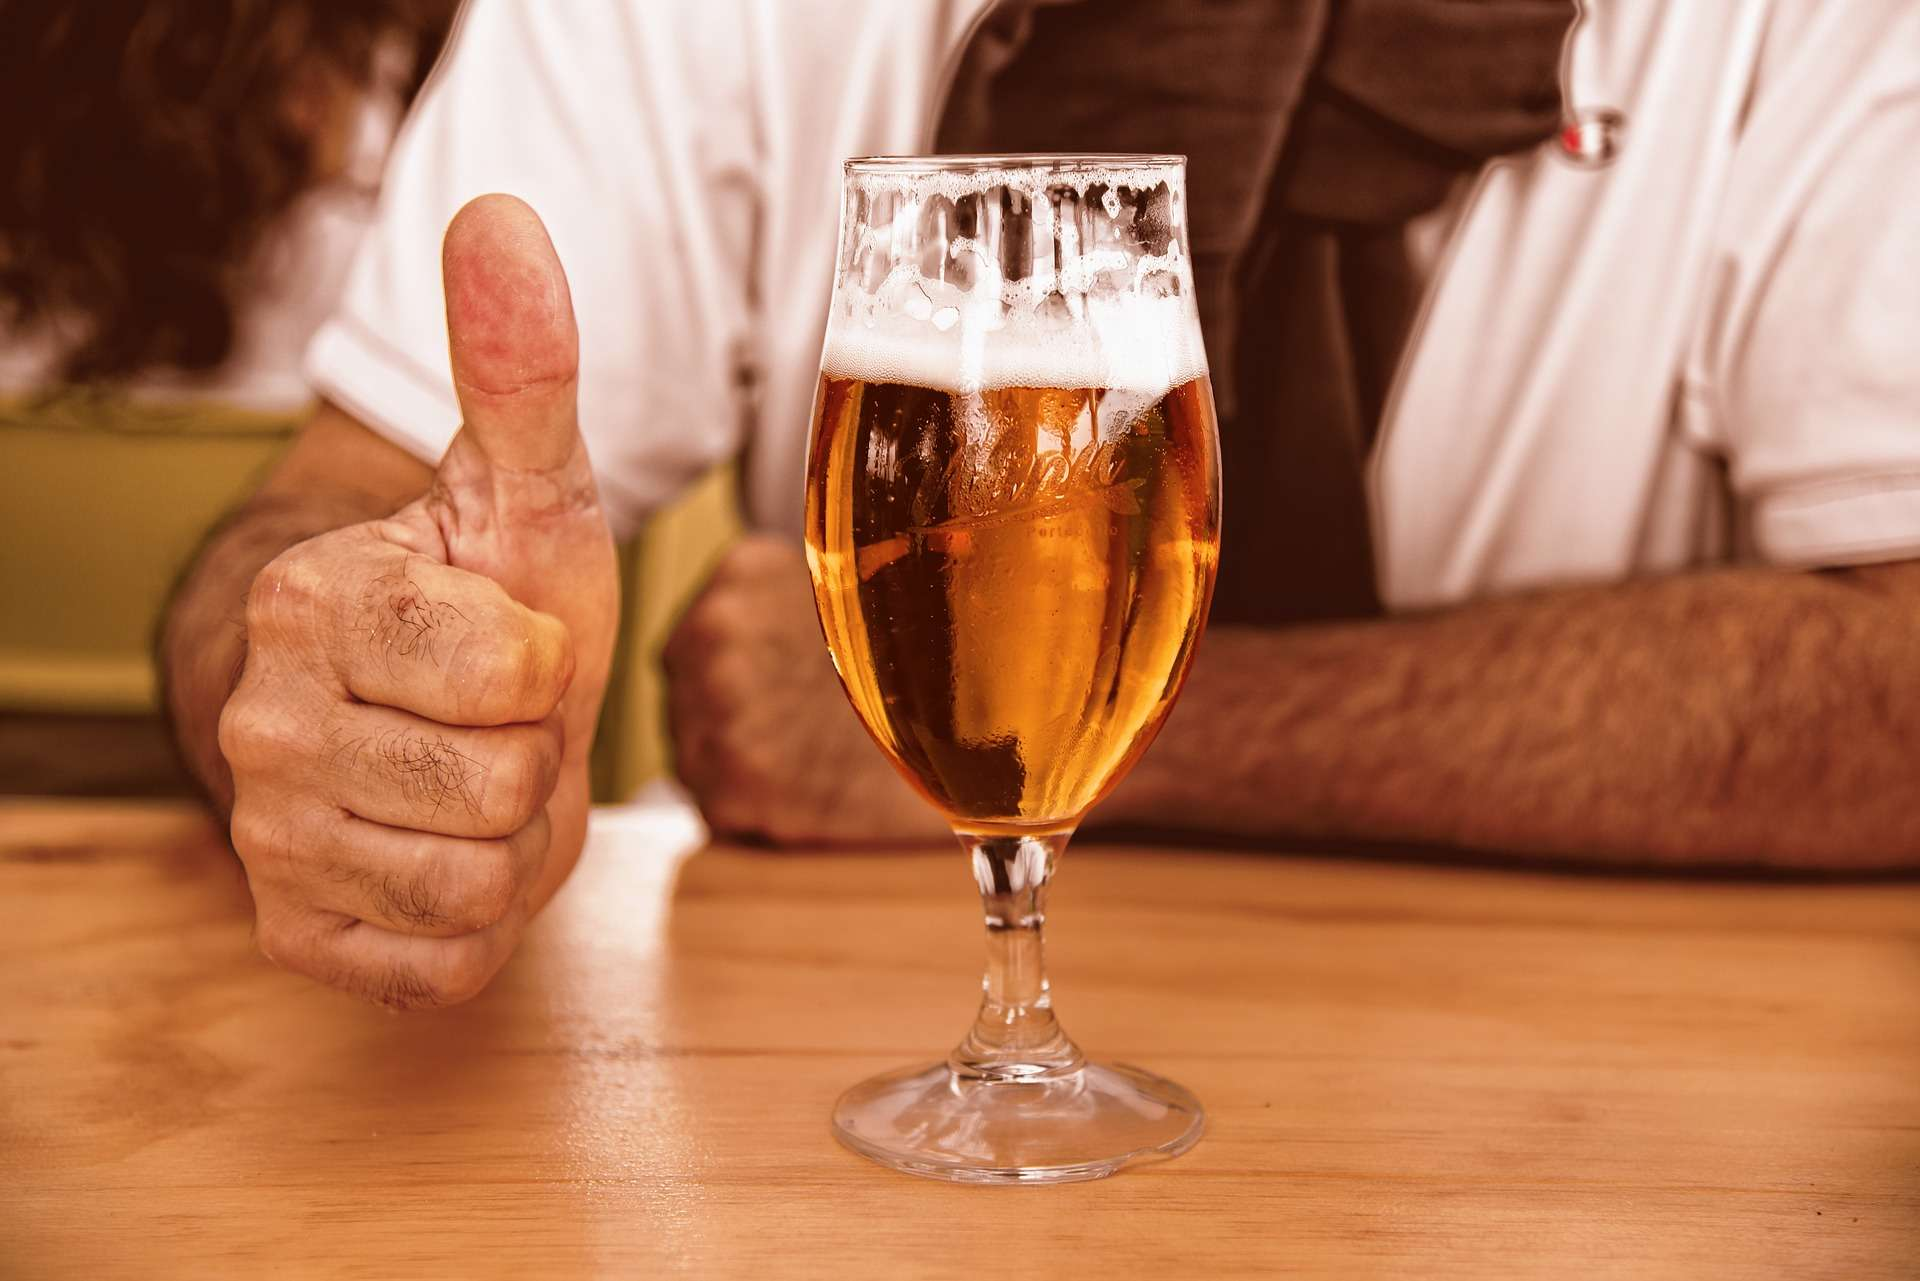 Les pères aussi devraient se tourner vers les bières sans alcool. © Mabel Amber, Pixabay